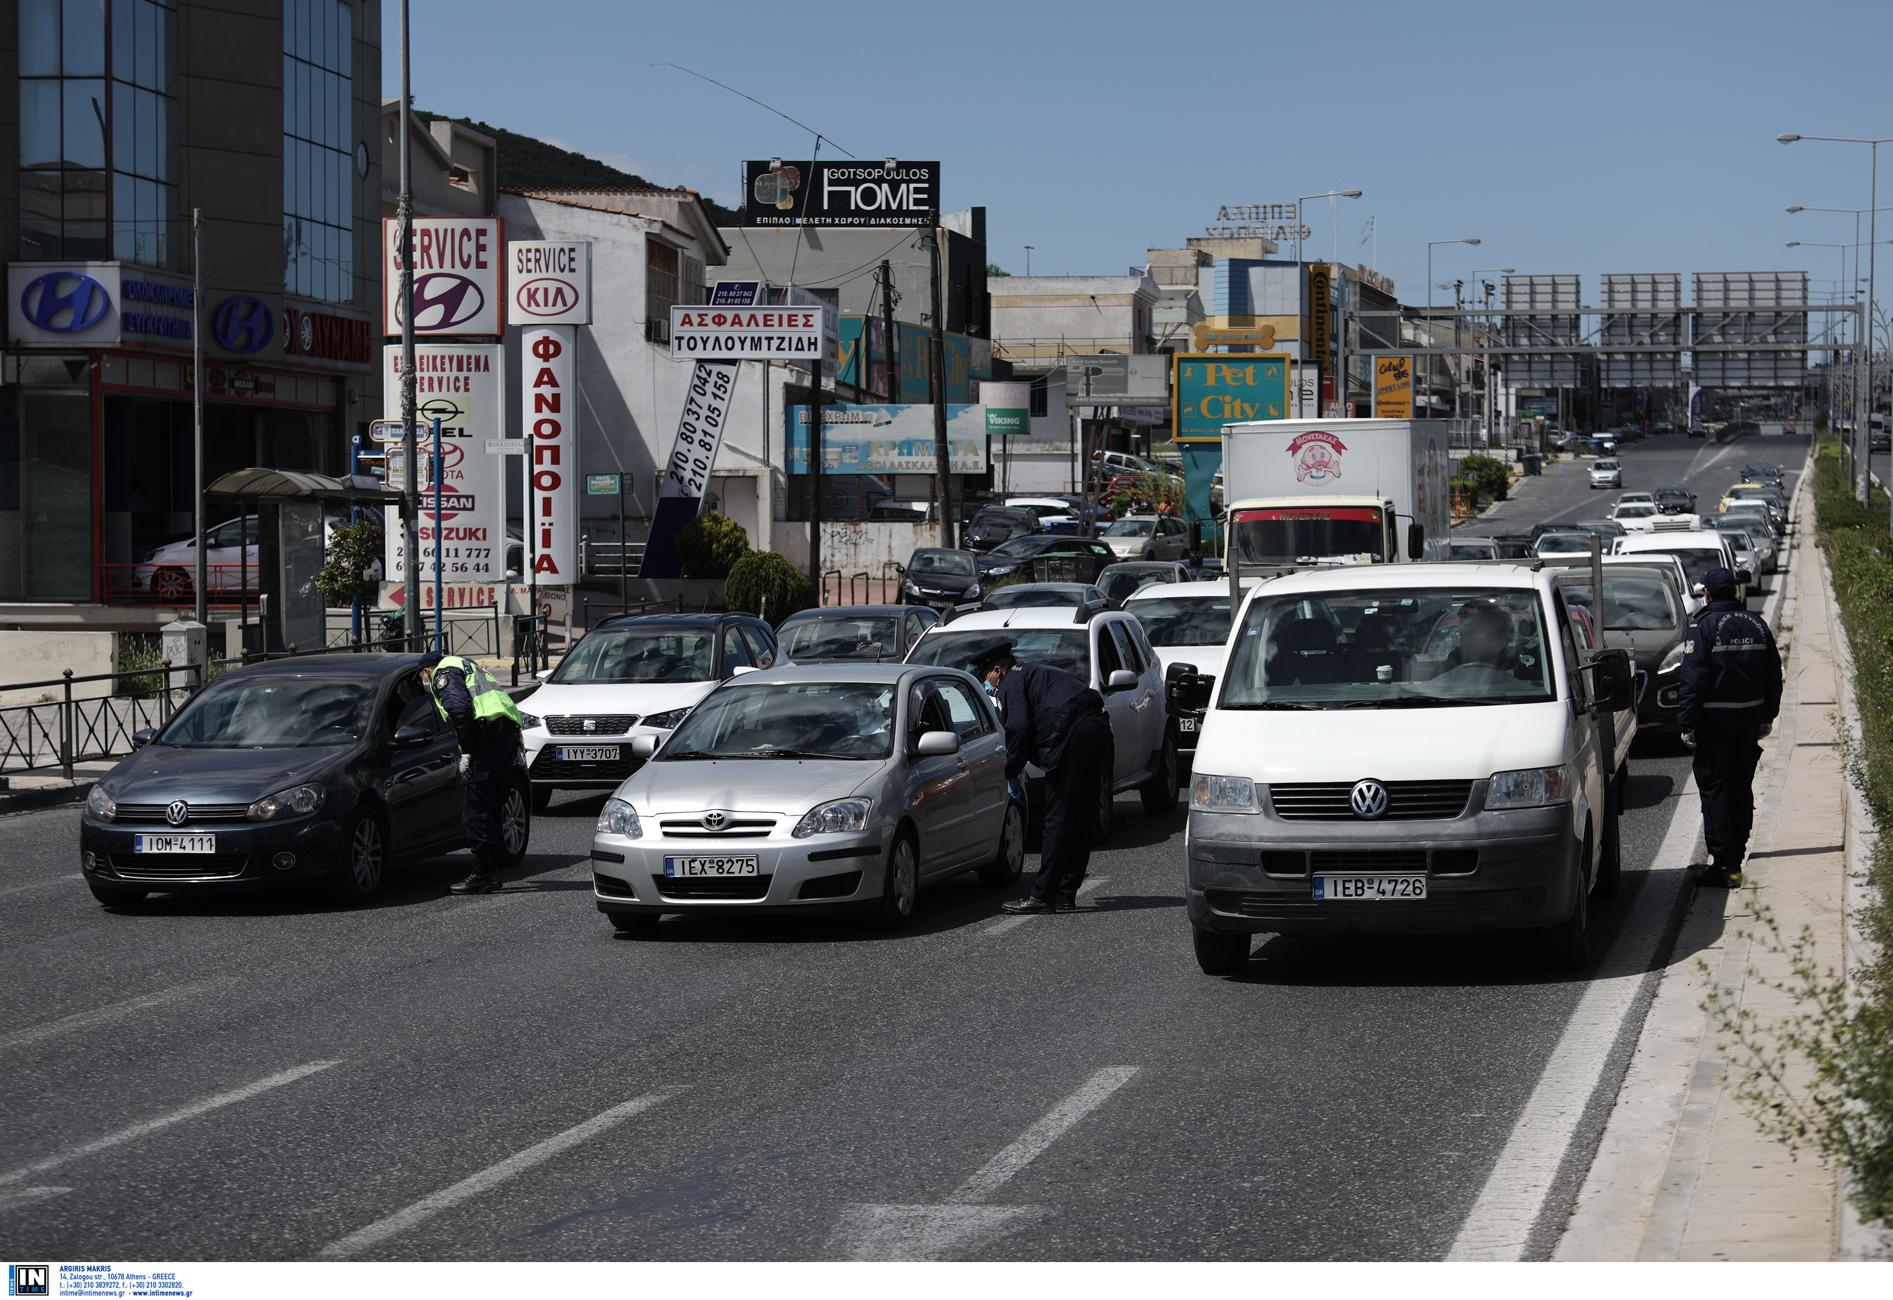 Λεωφόρος Μαραθώνος: Κλειστή από τη Δευτέρα λόγω έργων στο ύψος του φράγματος